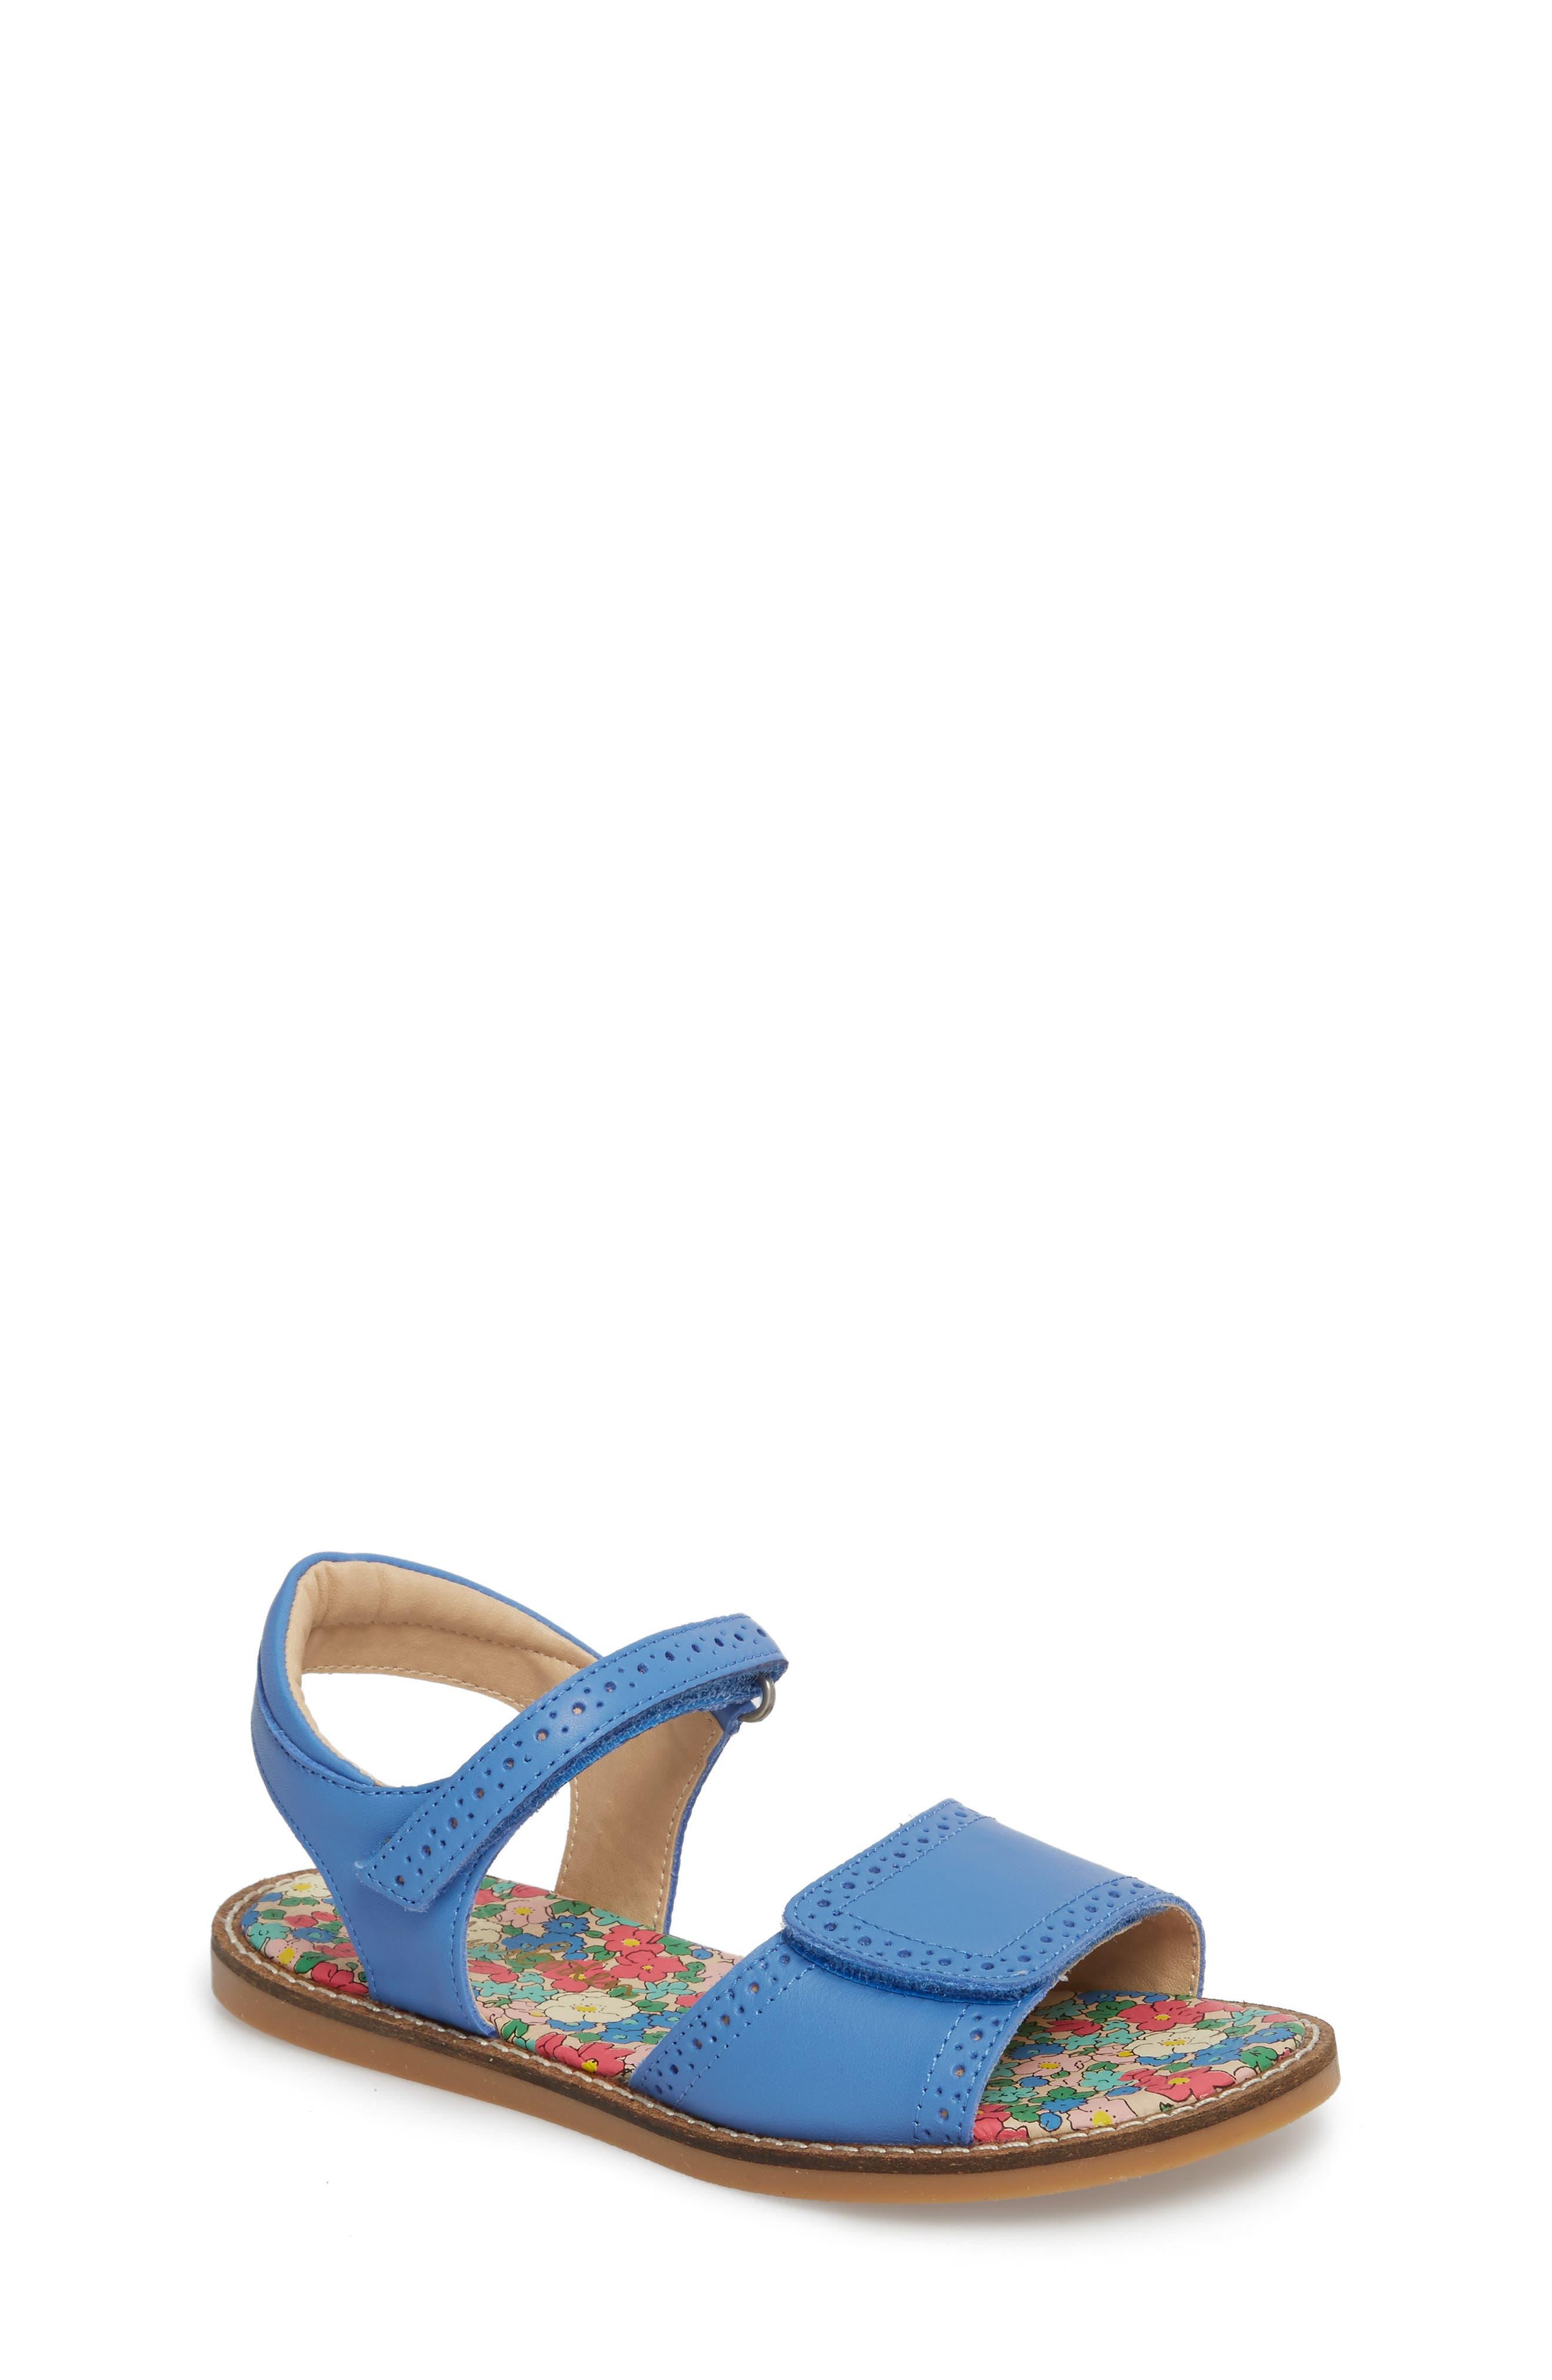 Adjustable Quarter Strap Sandal,                         Main,                         color, 424